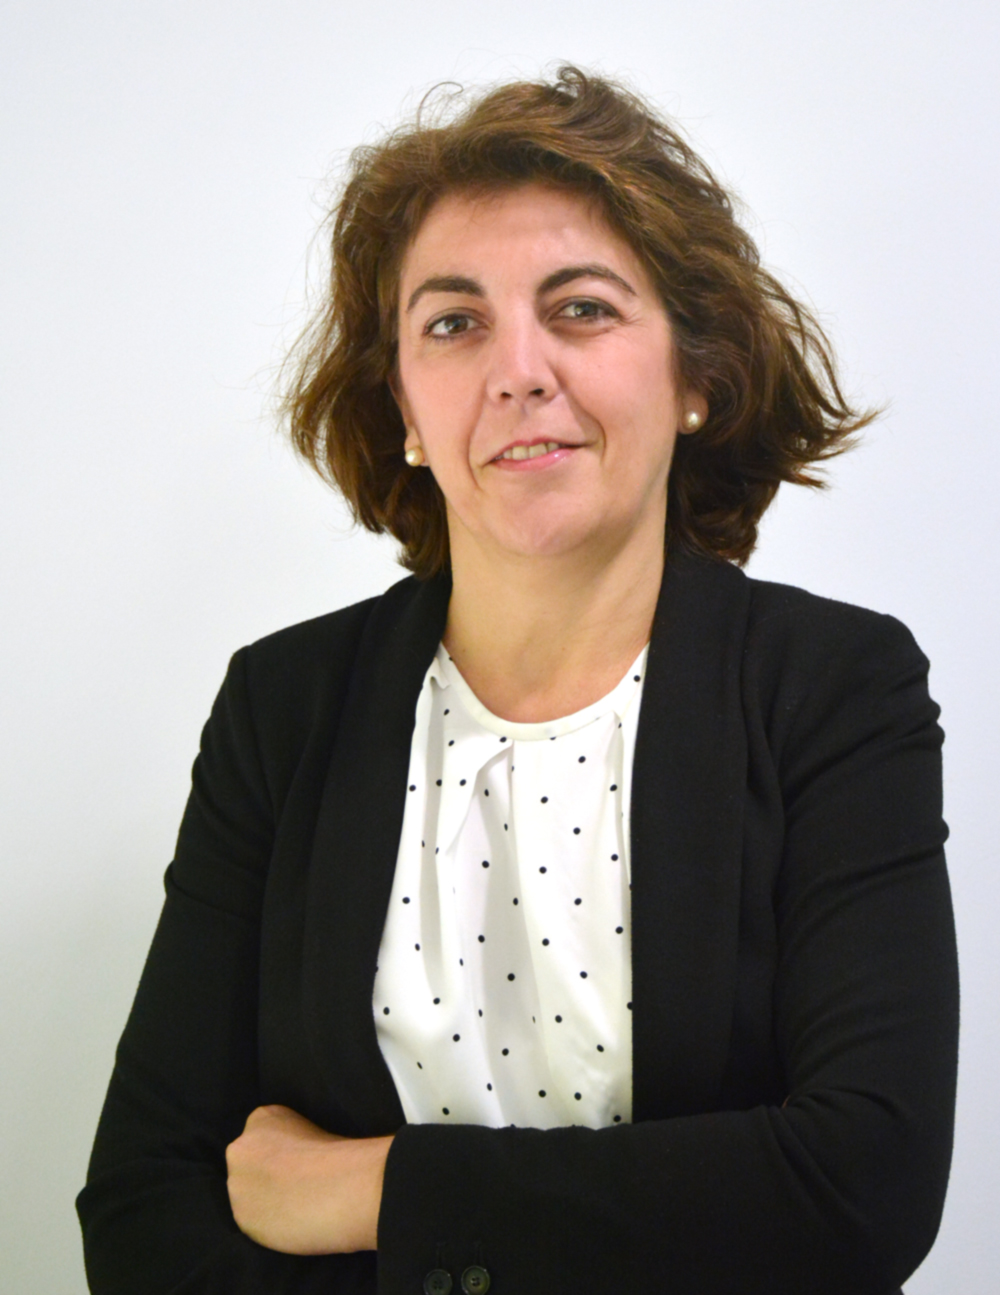 Rosa Merino